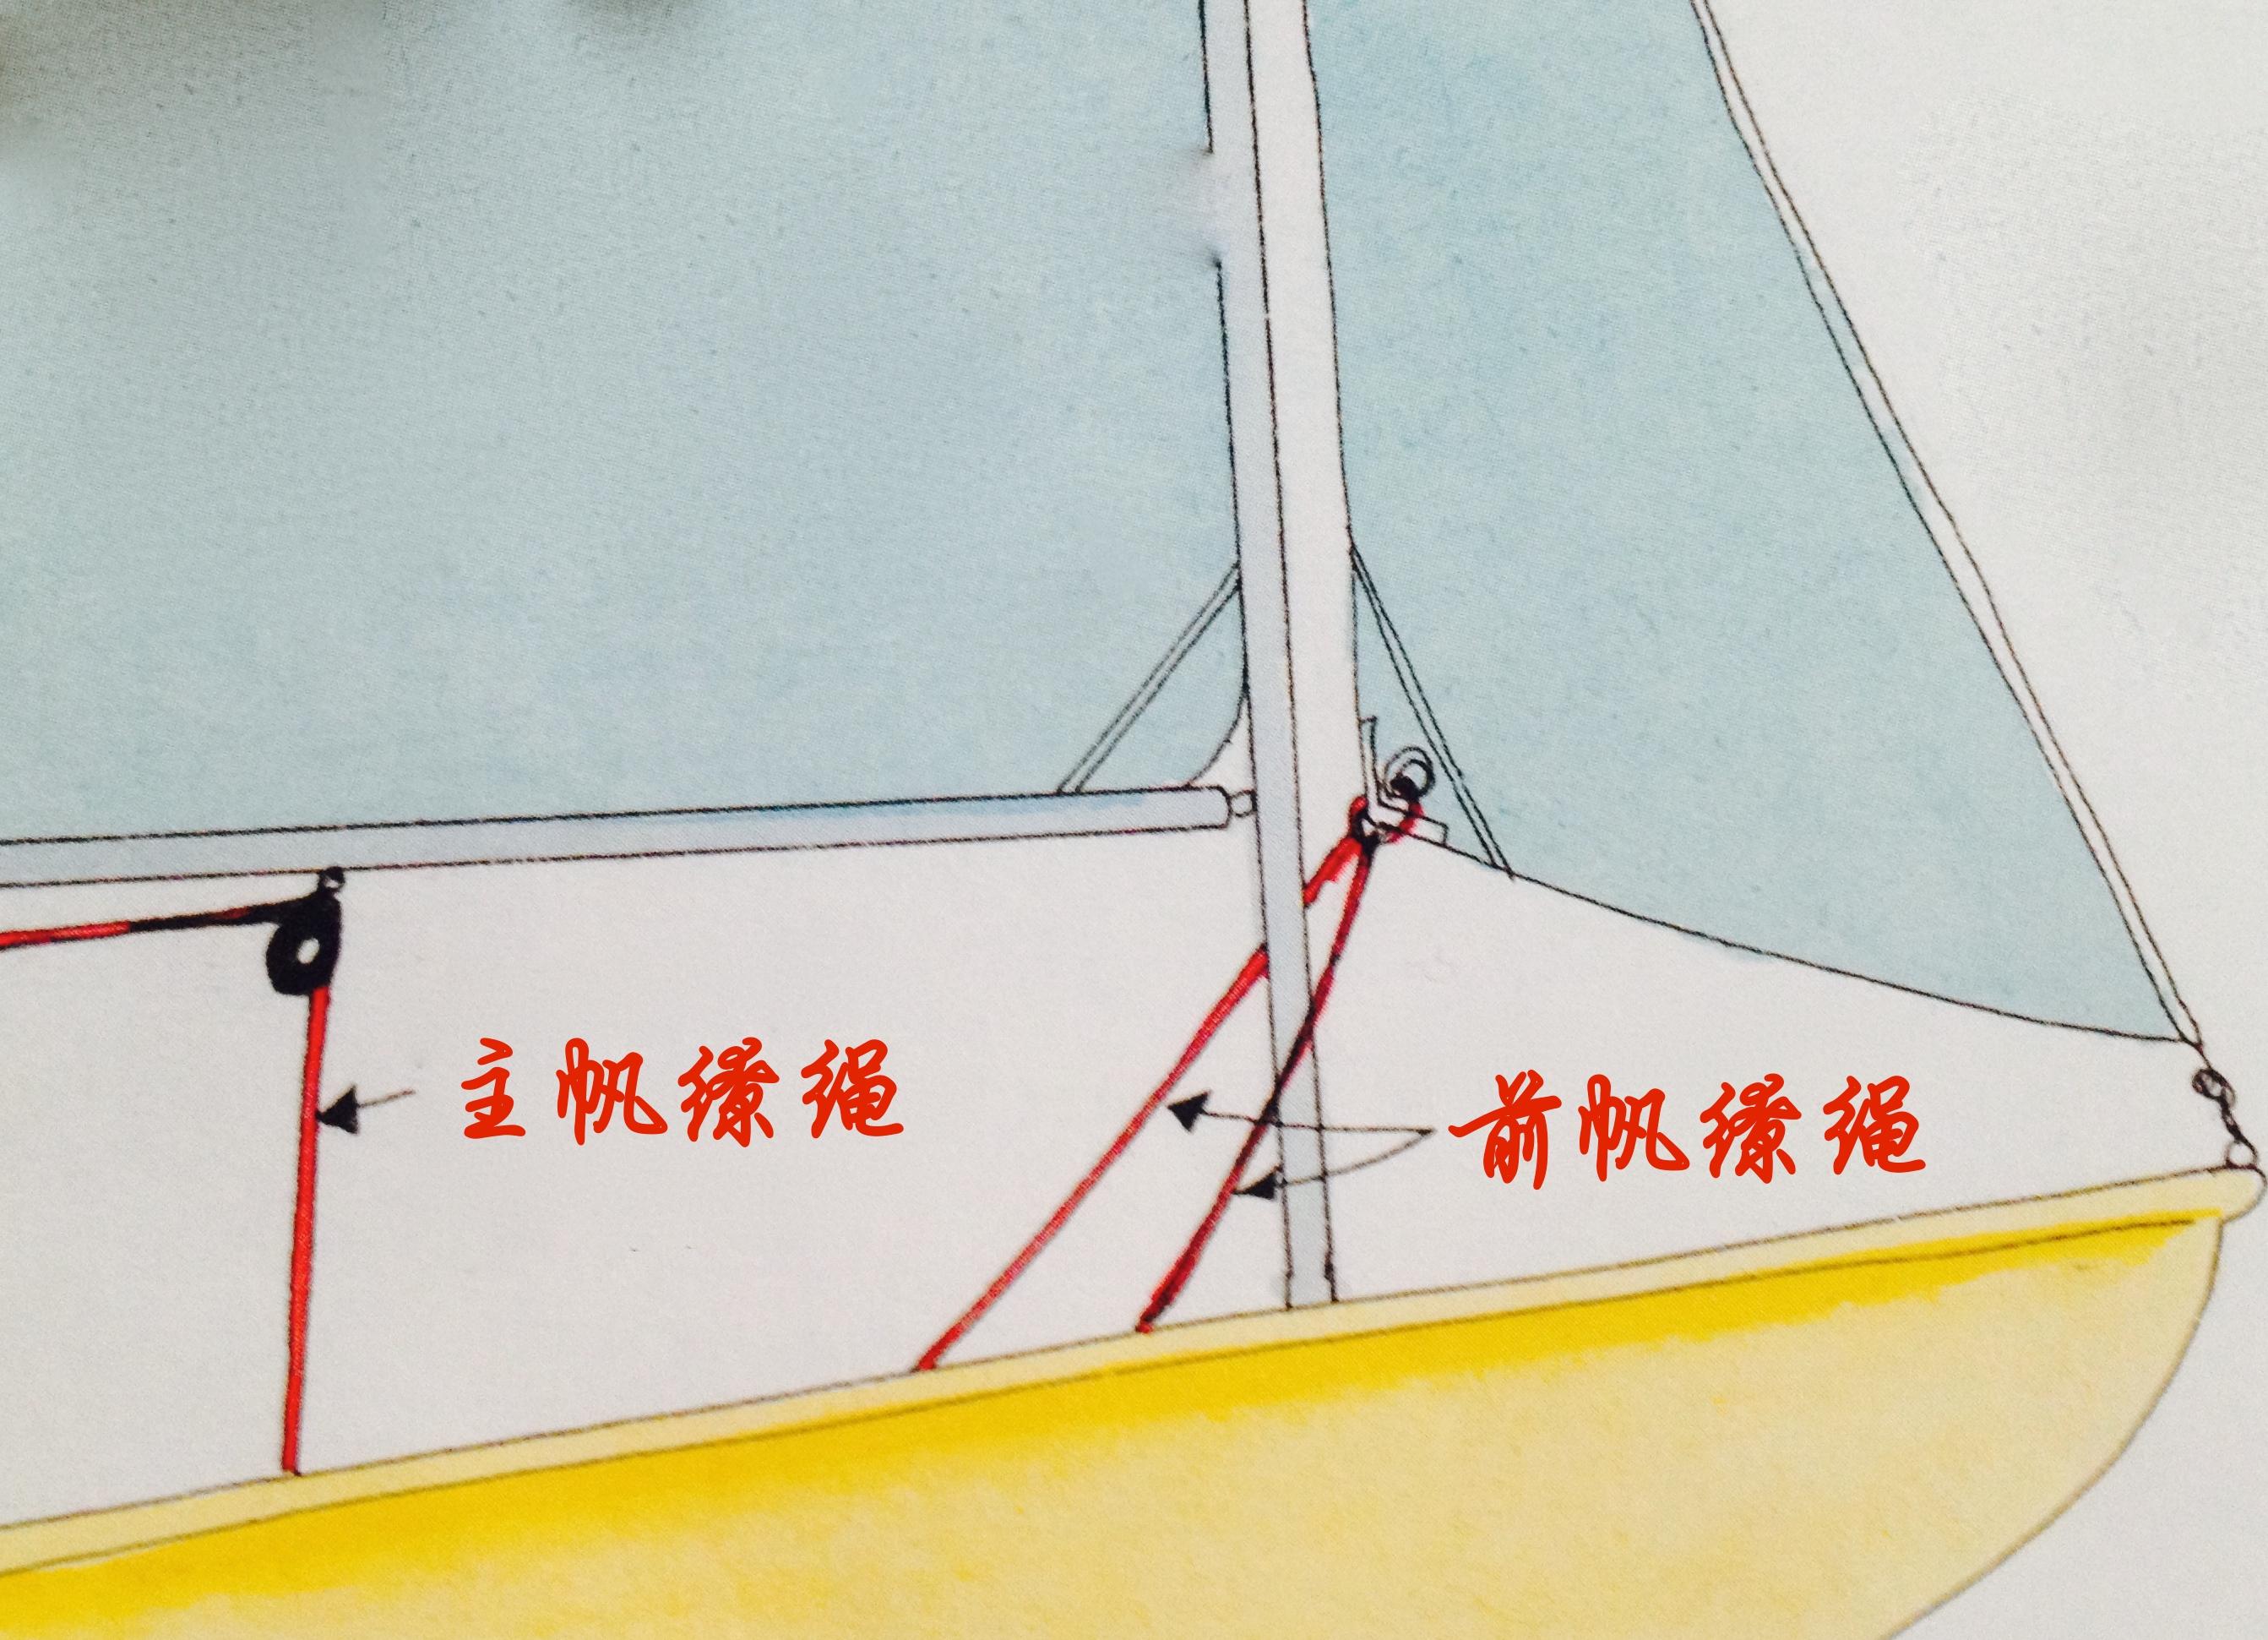 帆船,教学,专业 帆船上的每一个部位都有它自己的语言,要熟悉并牢记每个部件的名称。 4d.jpg